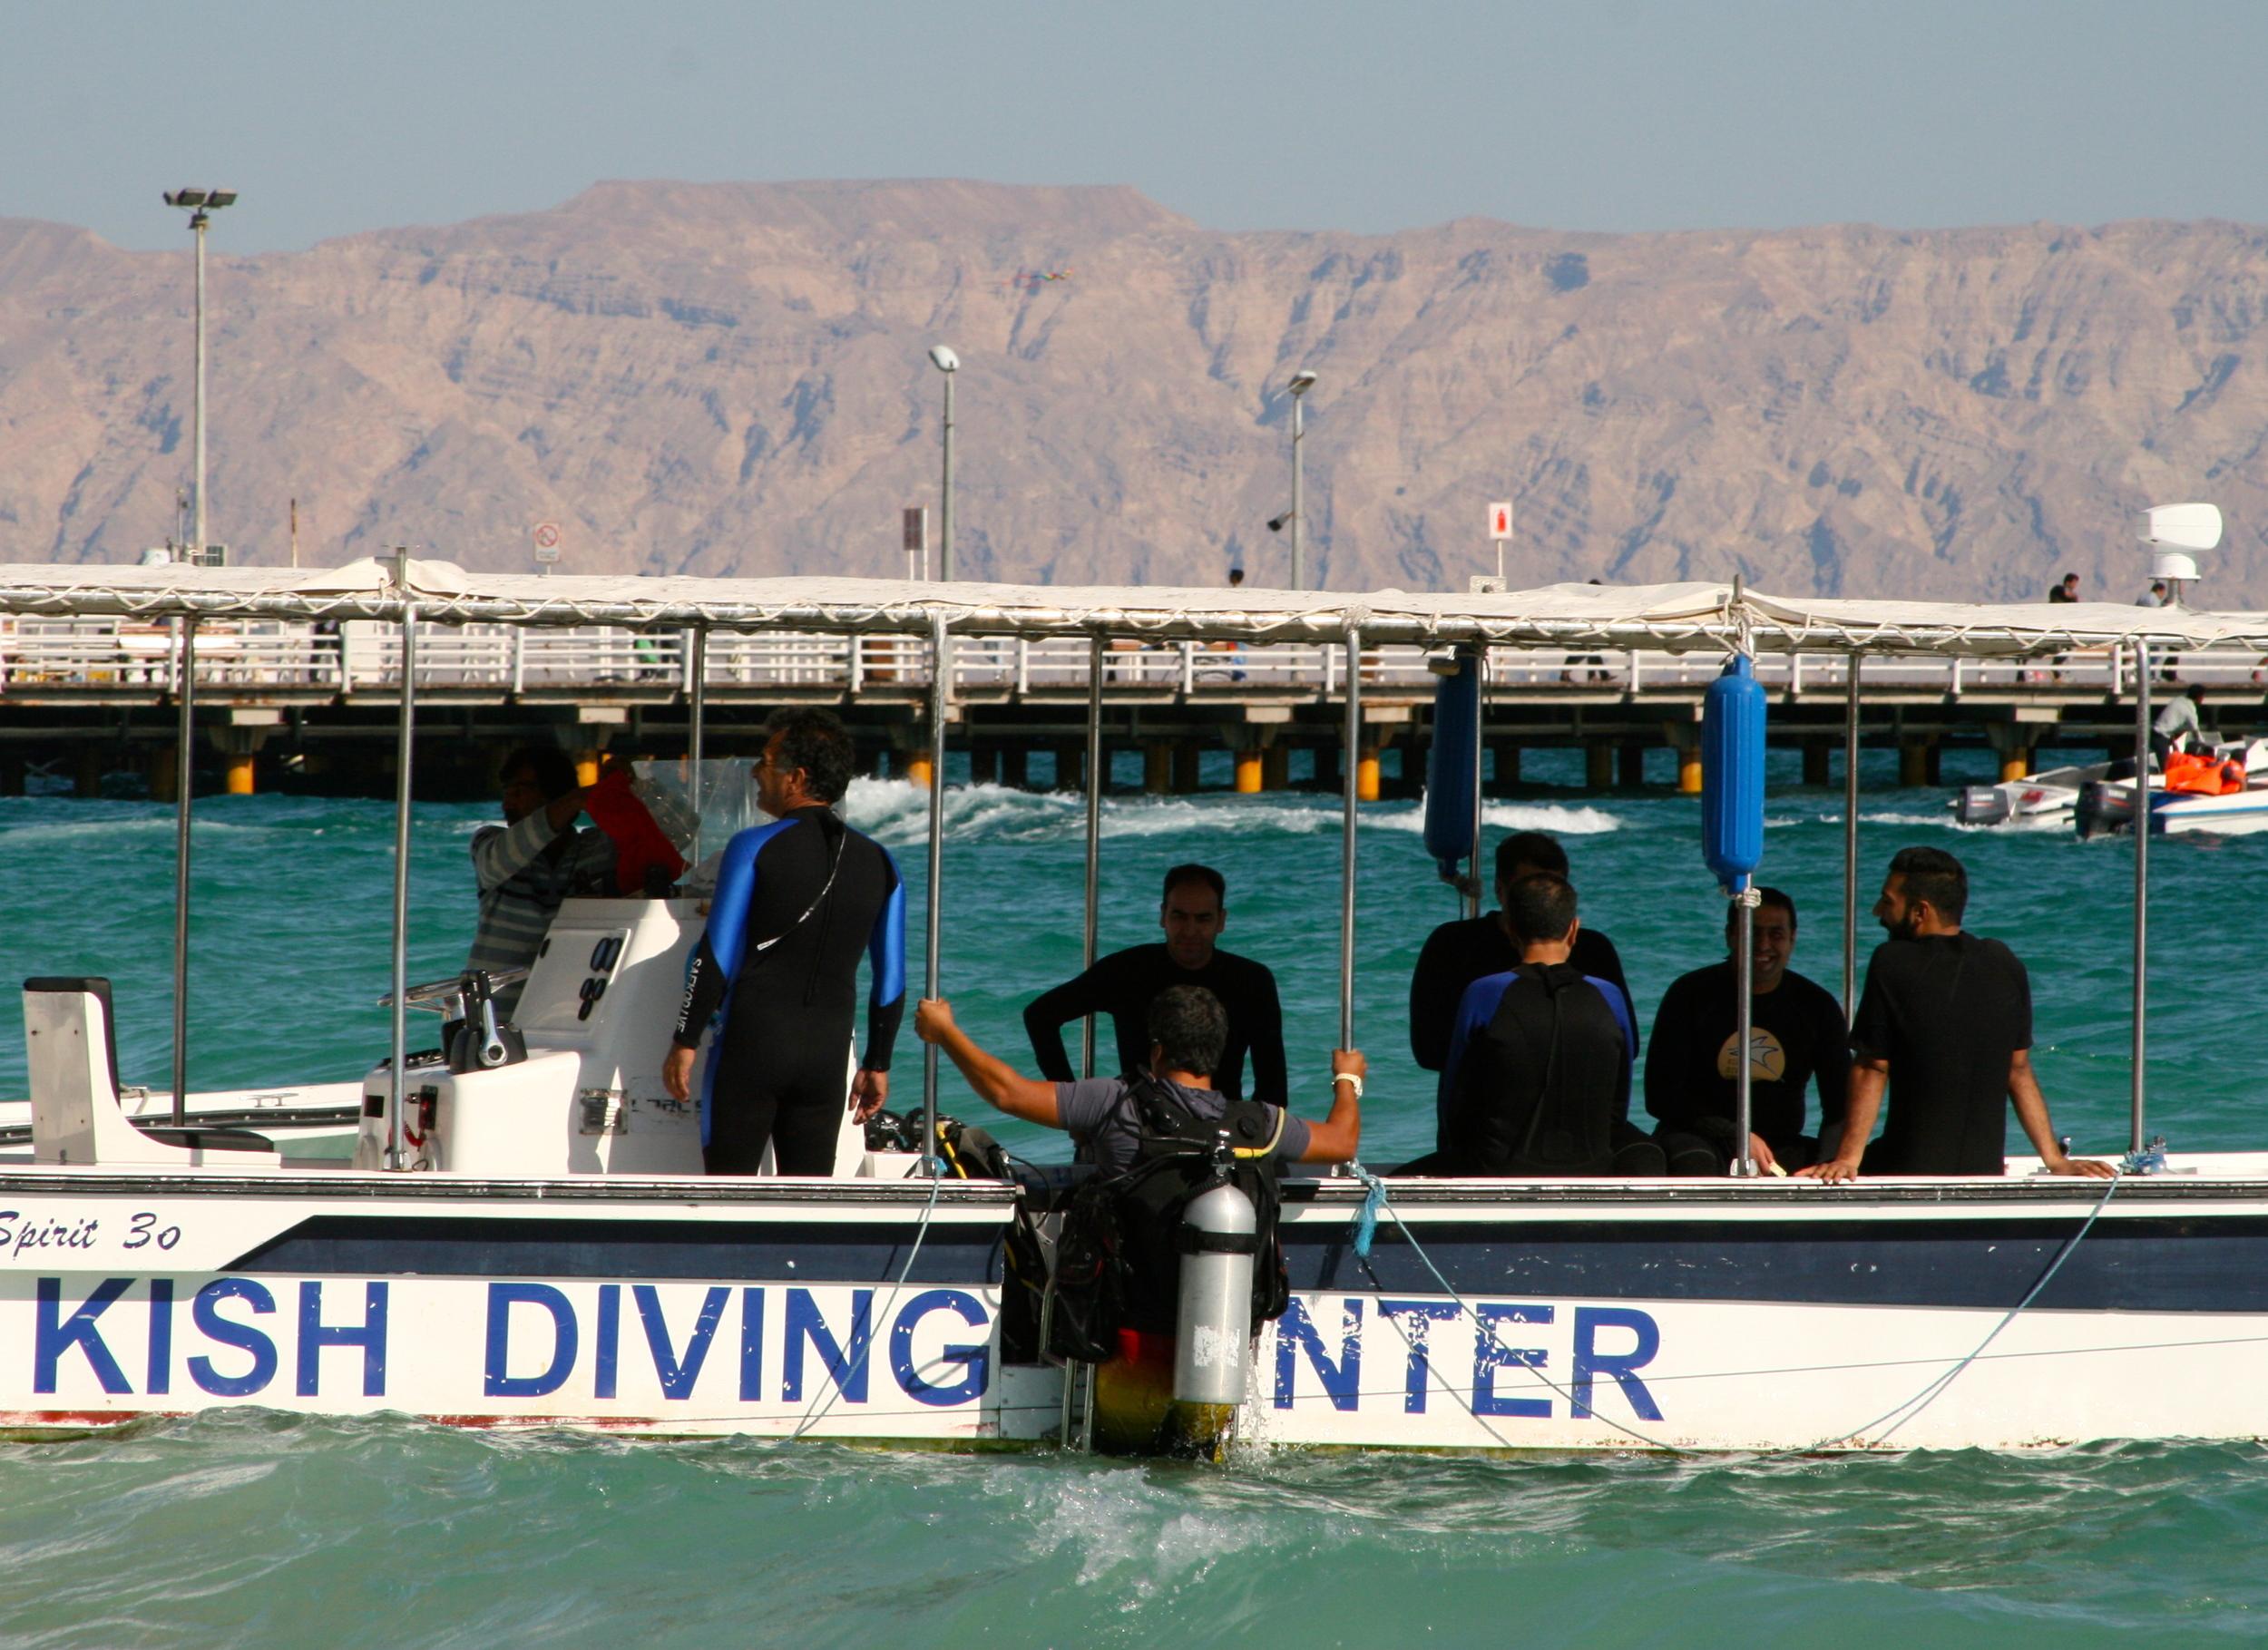 Vattensporter är populära på Kish. Foto: Per Luthander